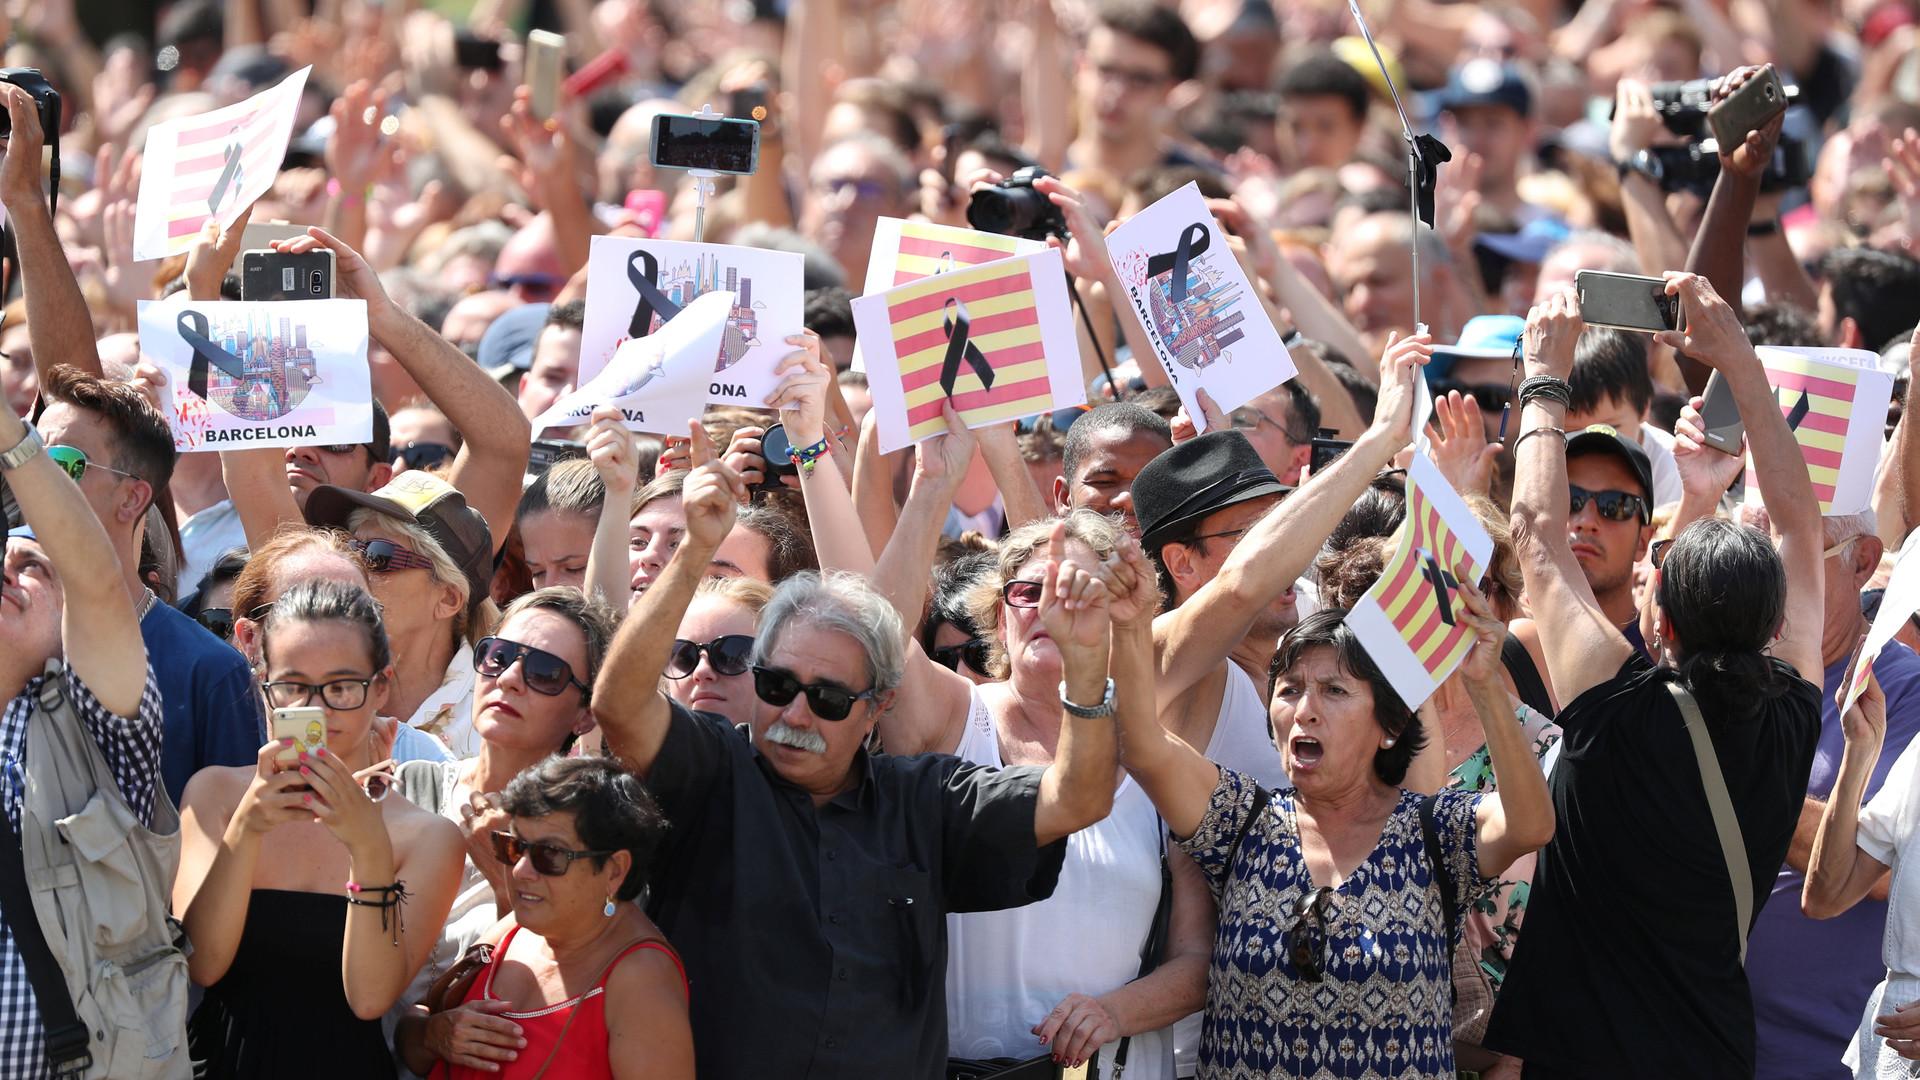 «Европа должна проснуться»: мир скорбит по жертвам терактов в Каталонии